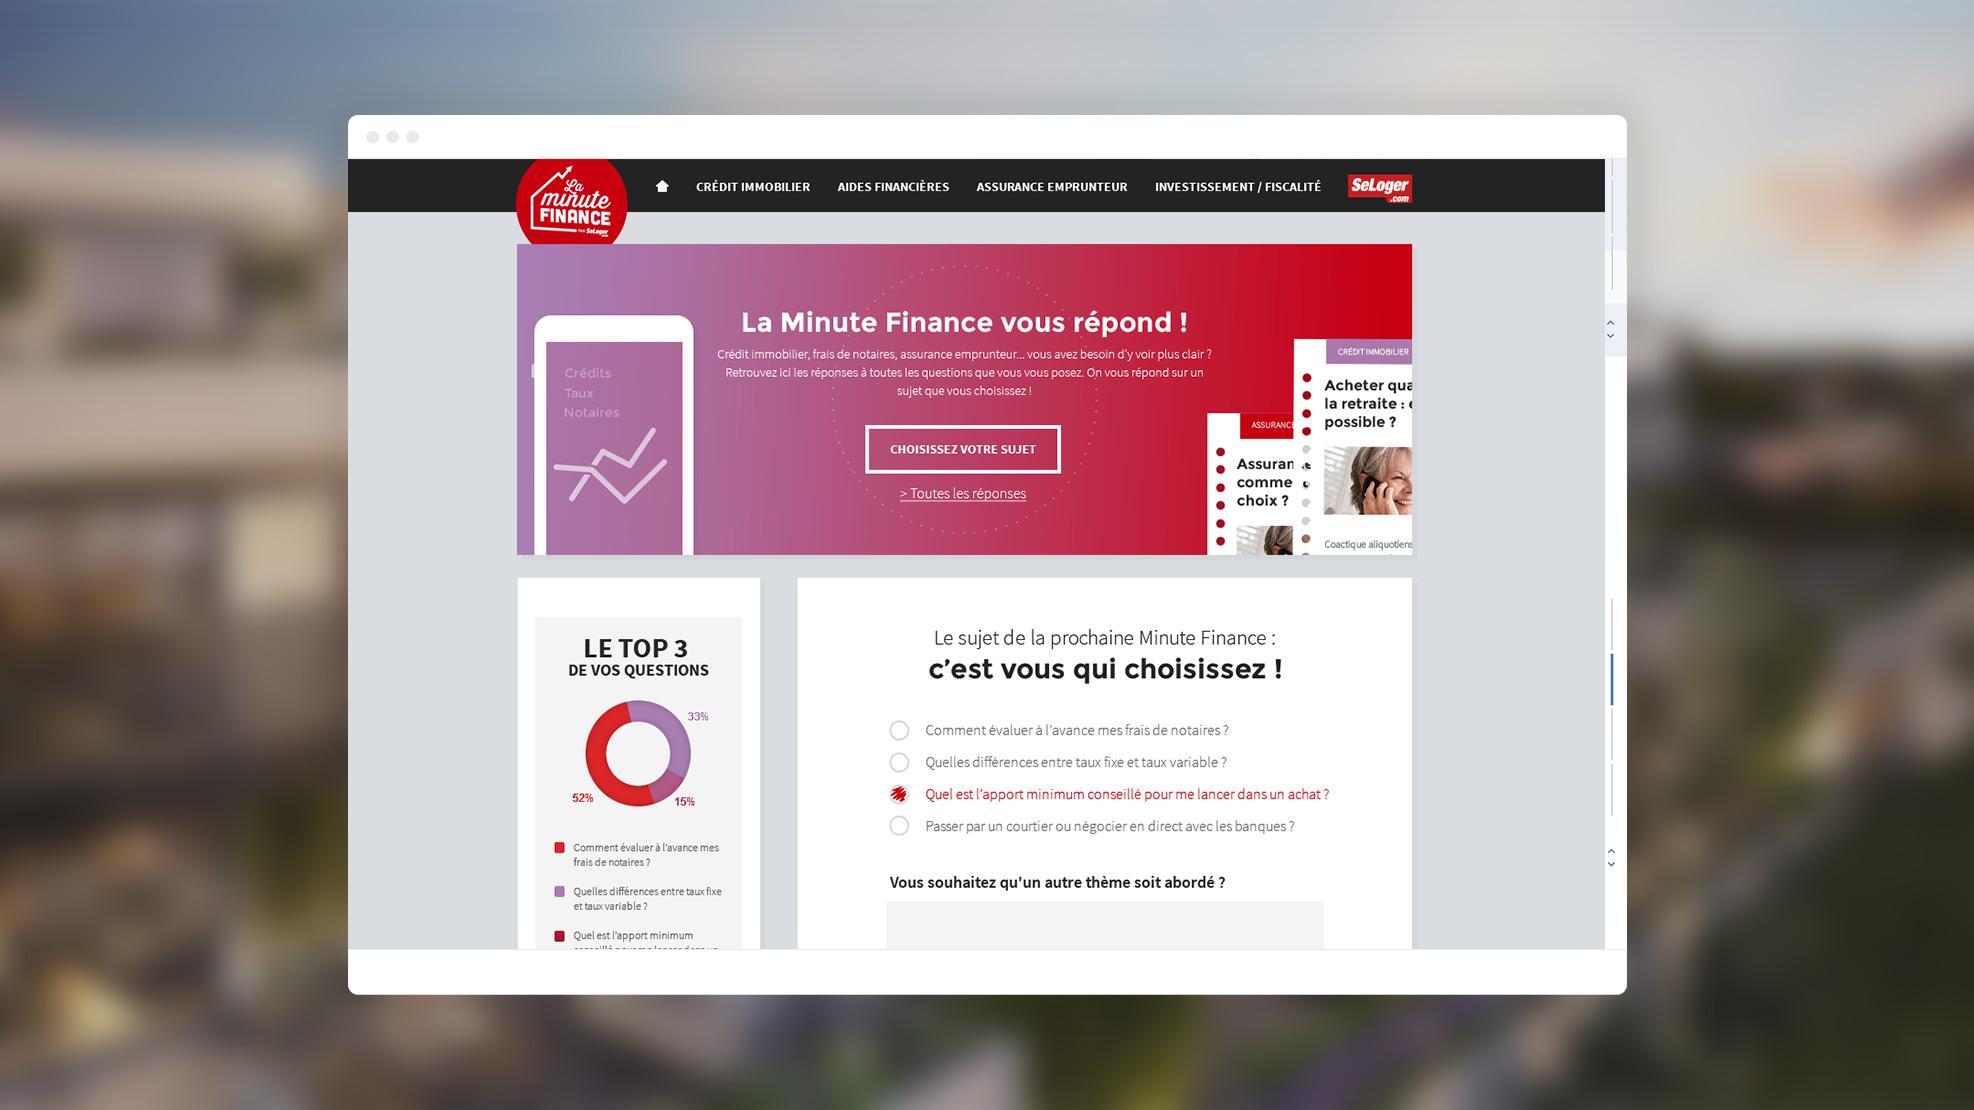 Image présenant une capture d'écran de la page d'accueil du site laminutefinance pour Se Loger